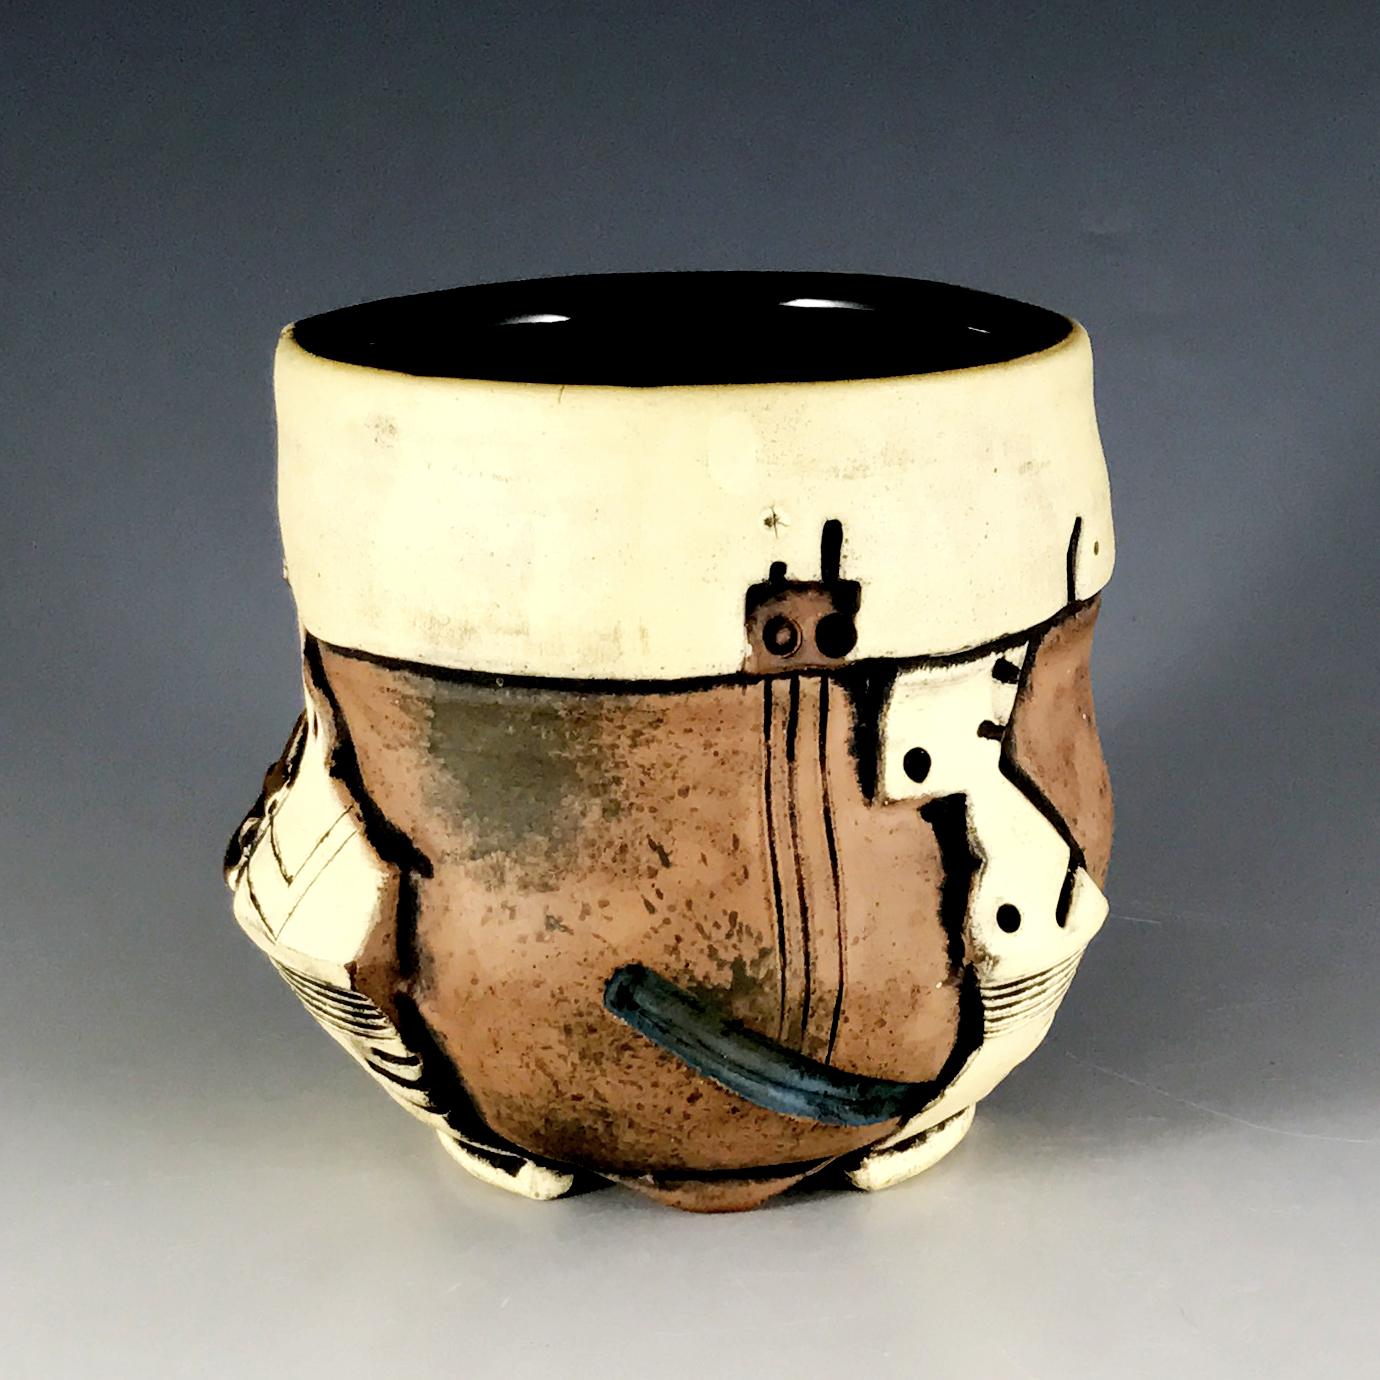 cup2 b.jpg